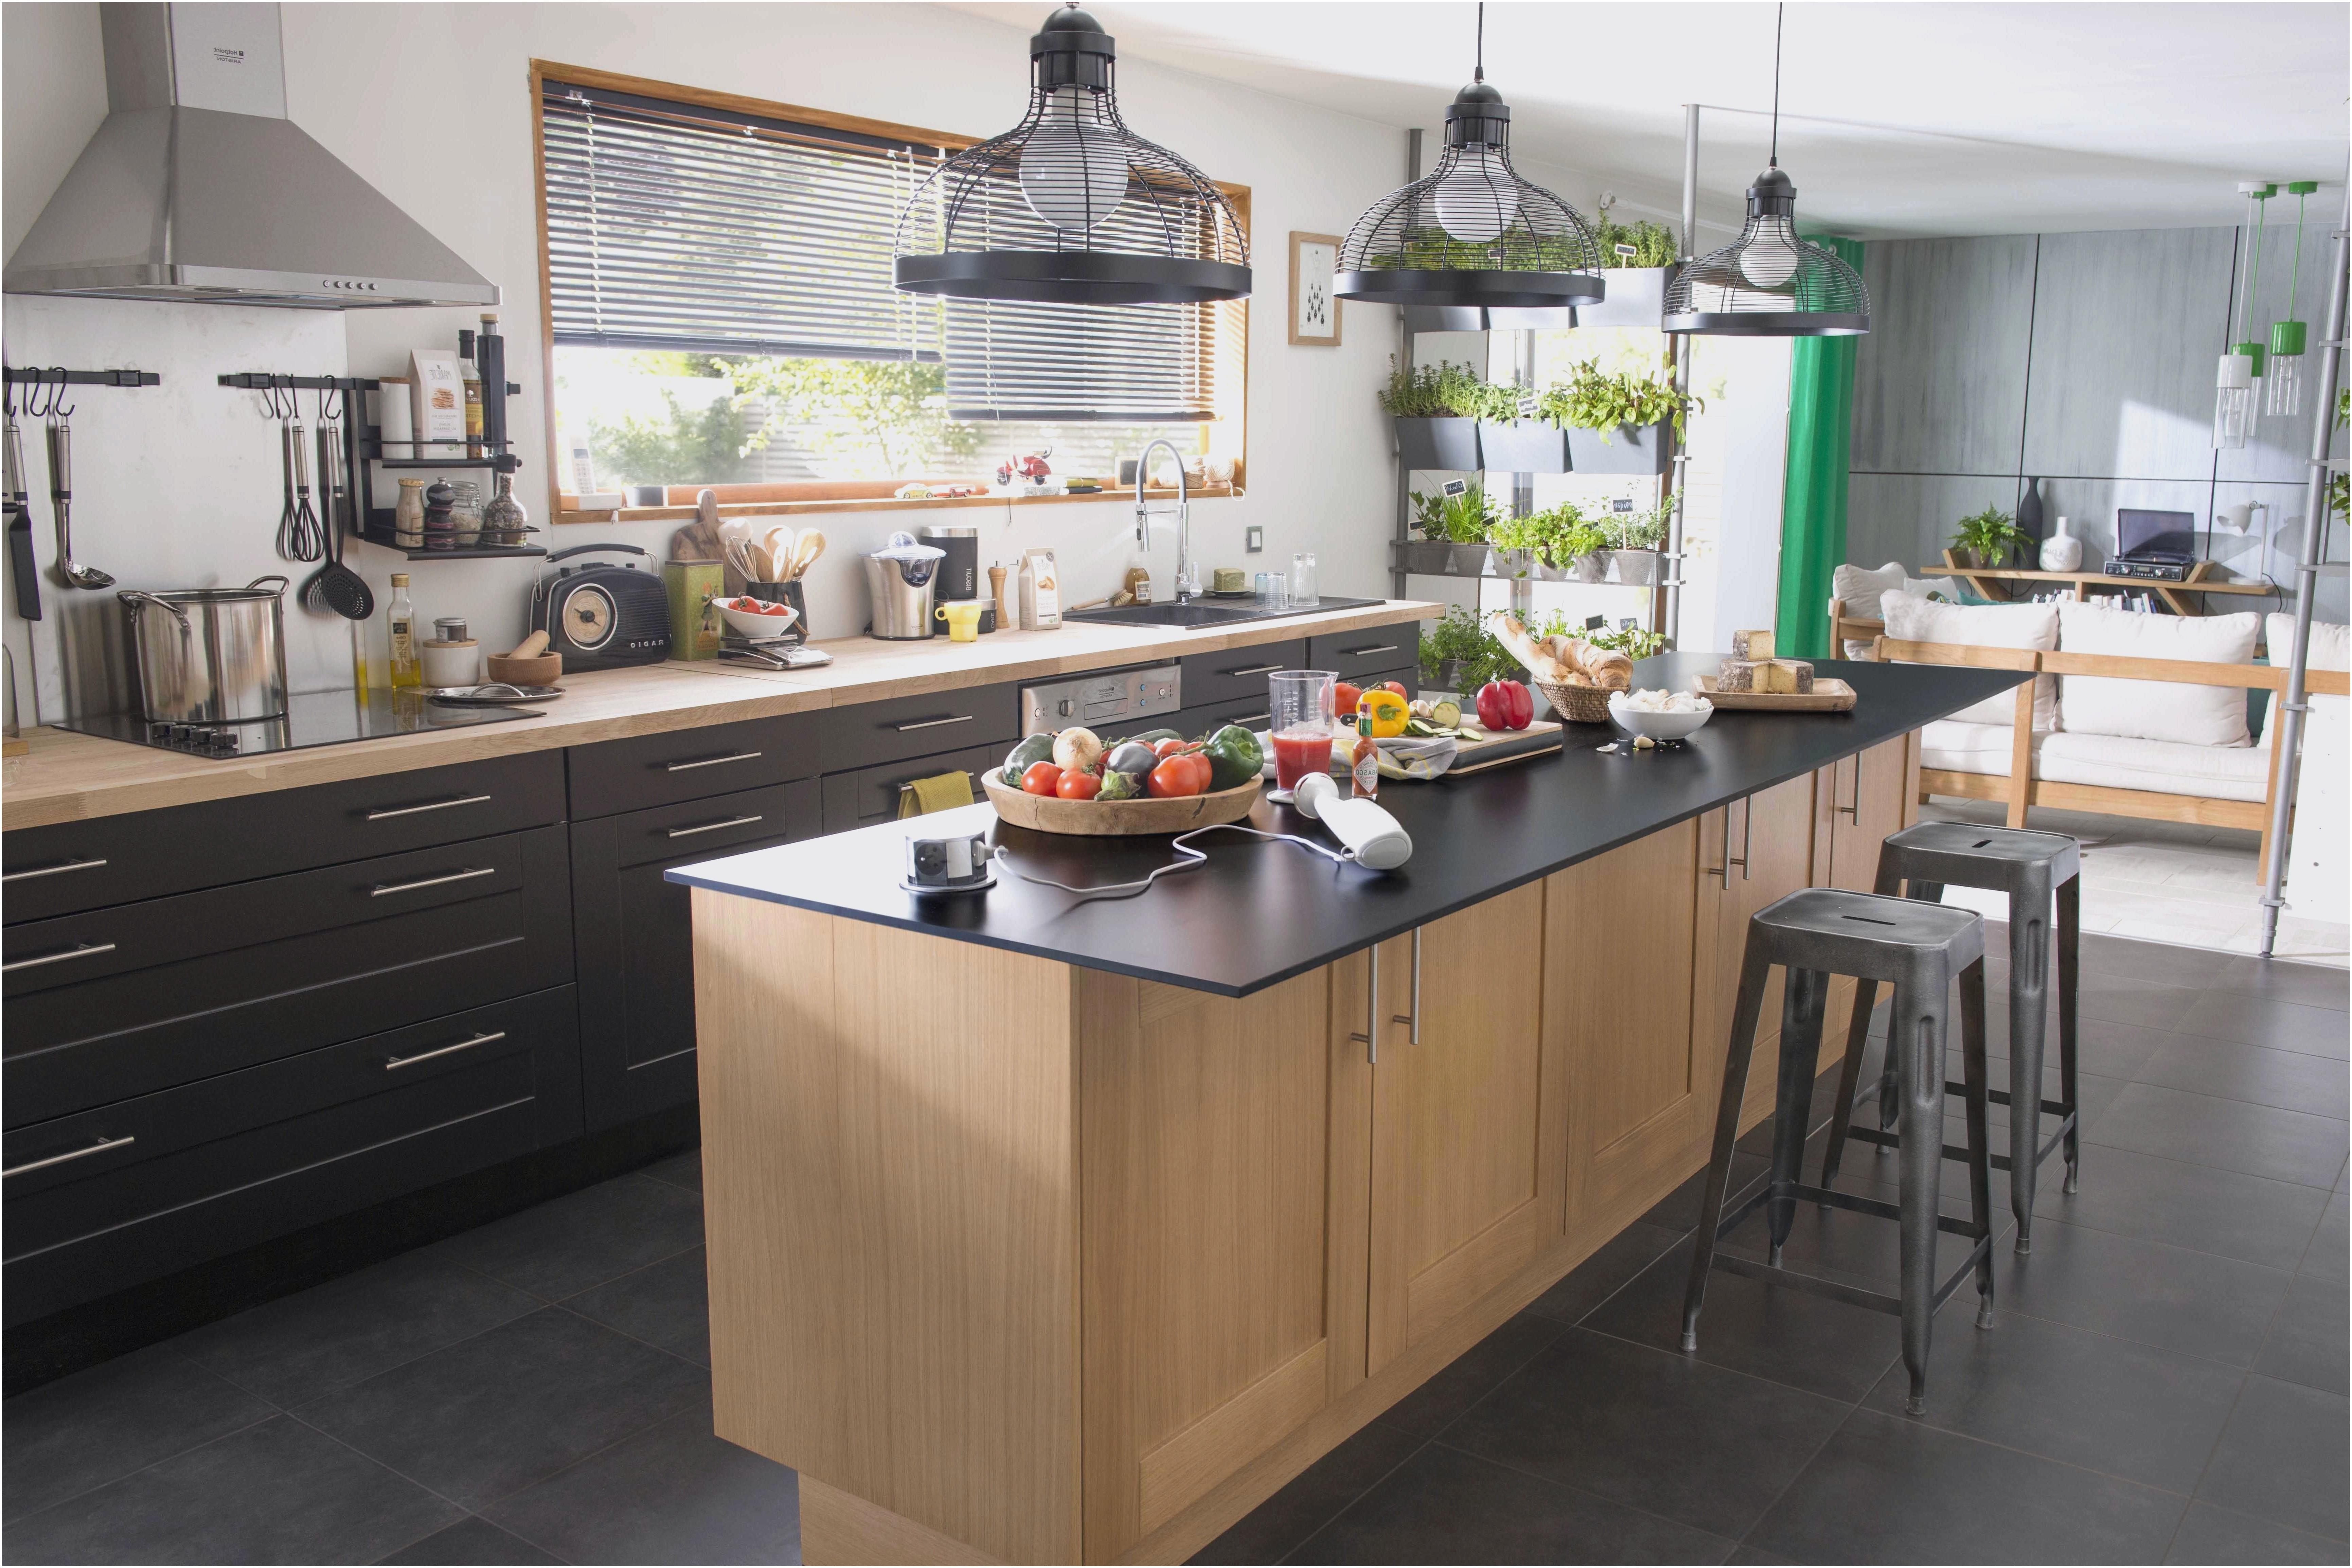 Ikea Cuisine Ilot Inspirant Photos 22 Frais Billot De Cuisine Ikea Intérieur De La Maison